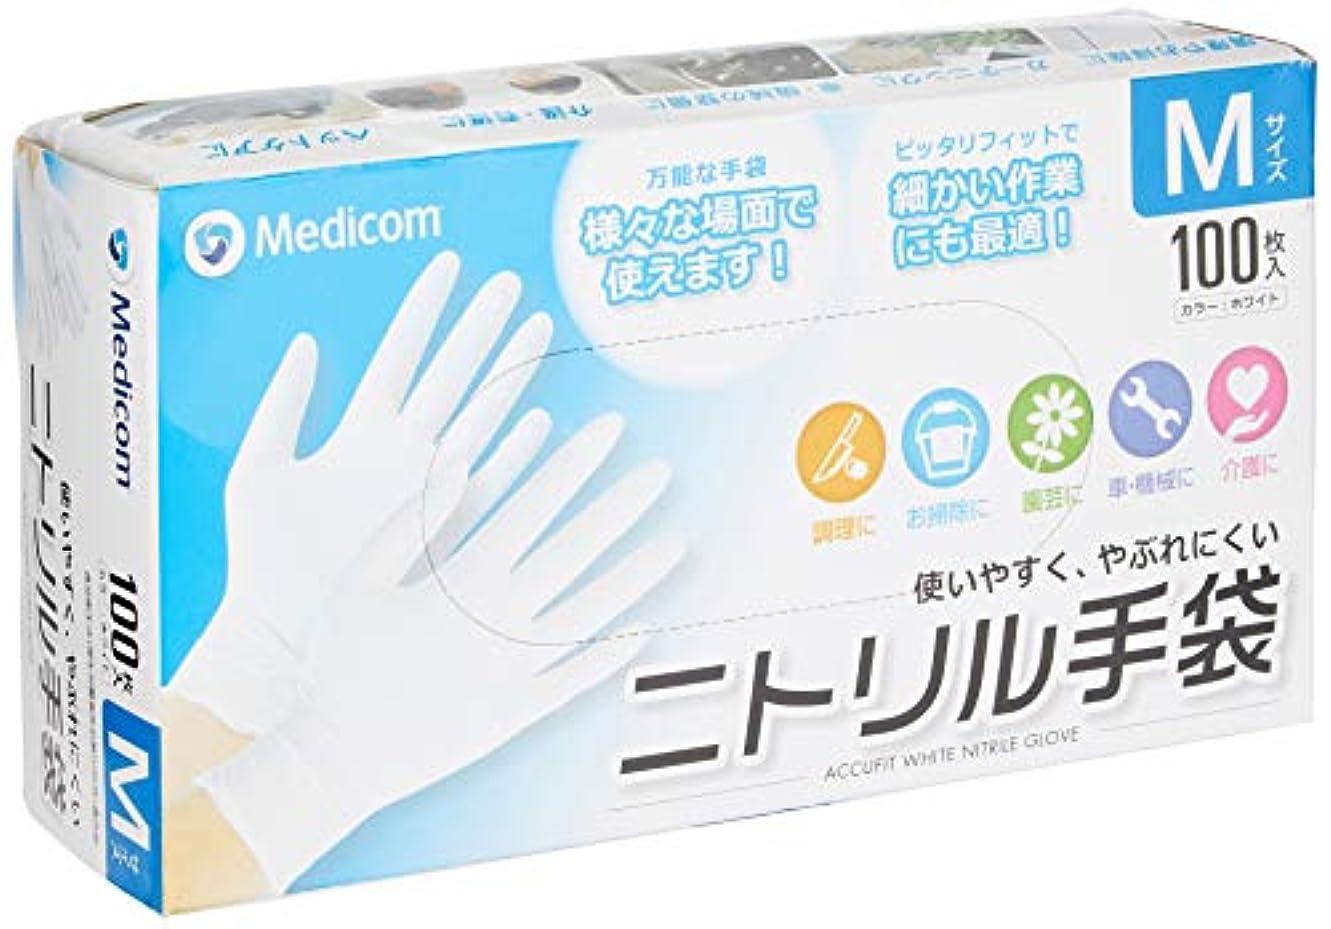 アキュフィット ホワイト ニトリル手袋 Mサイズ ACFJN1284C